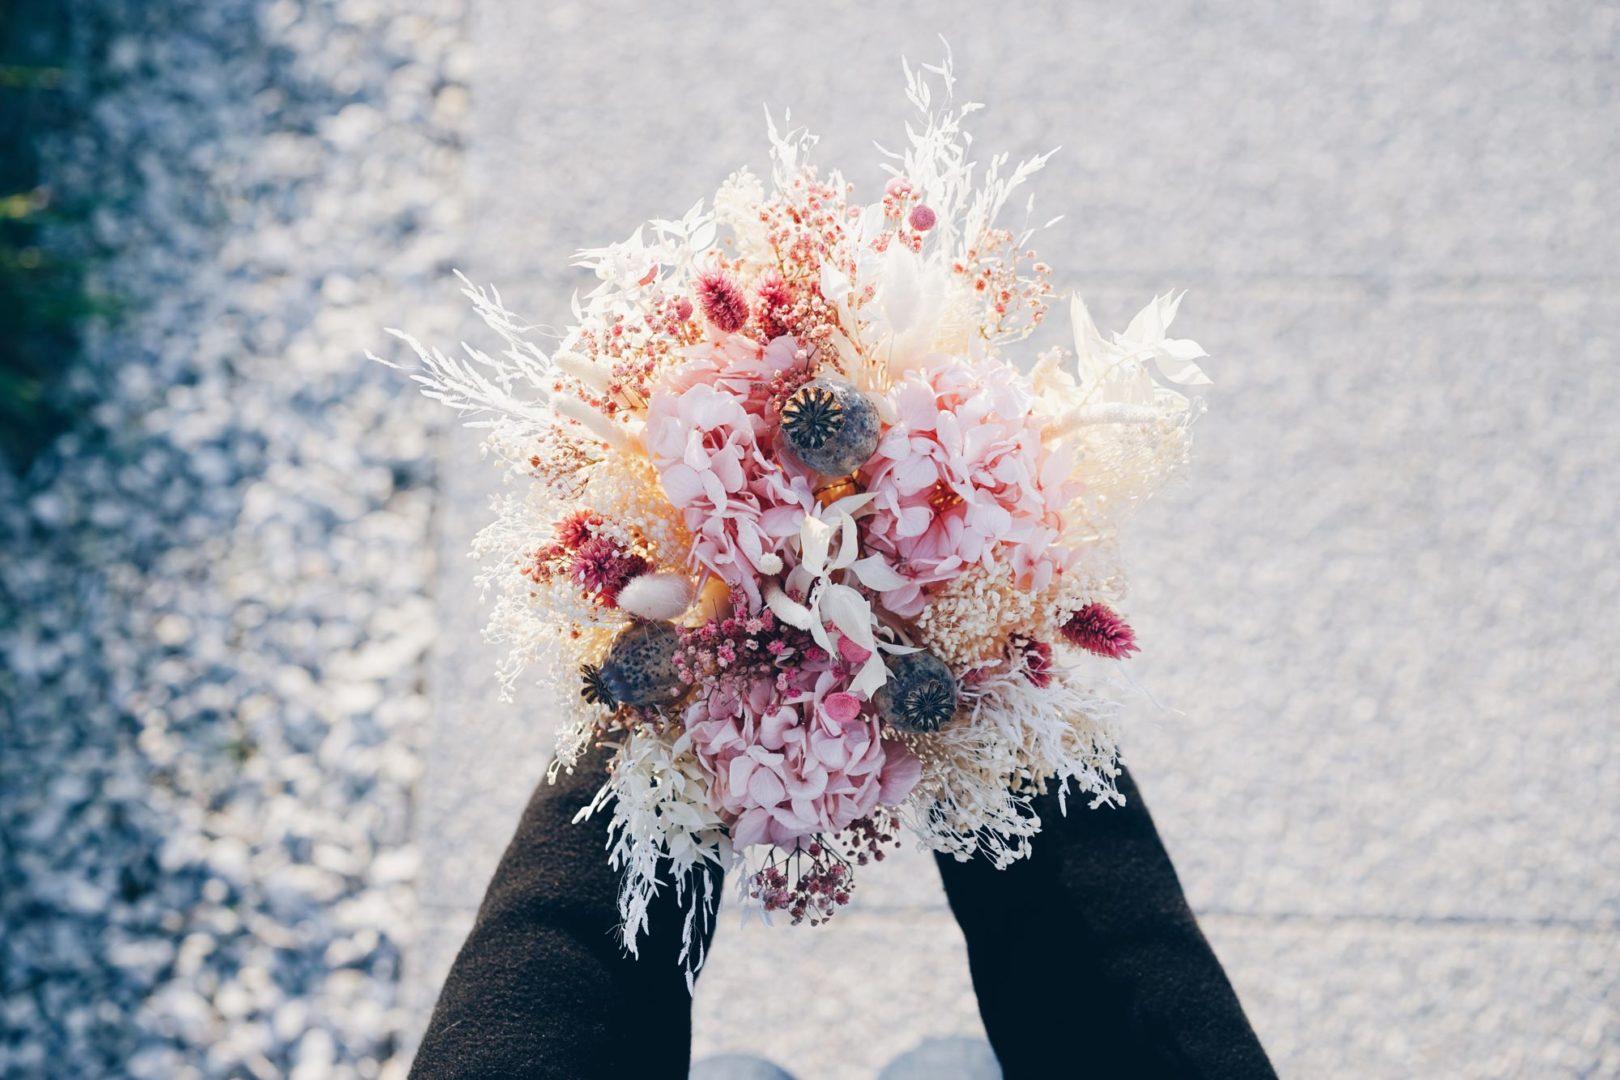 Comment Conserver Des Fleurs Séchées les fleurs séchées: des bouquets durables et écoresponsables